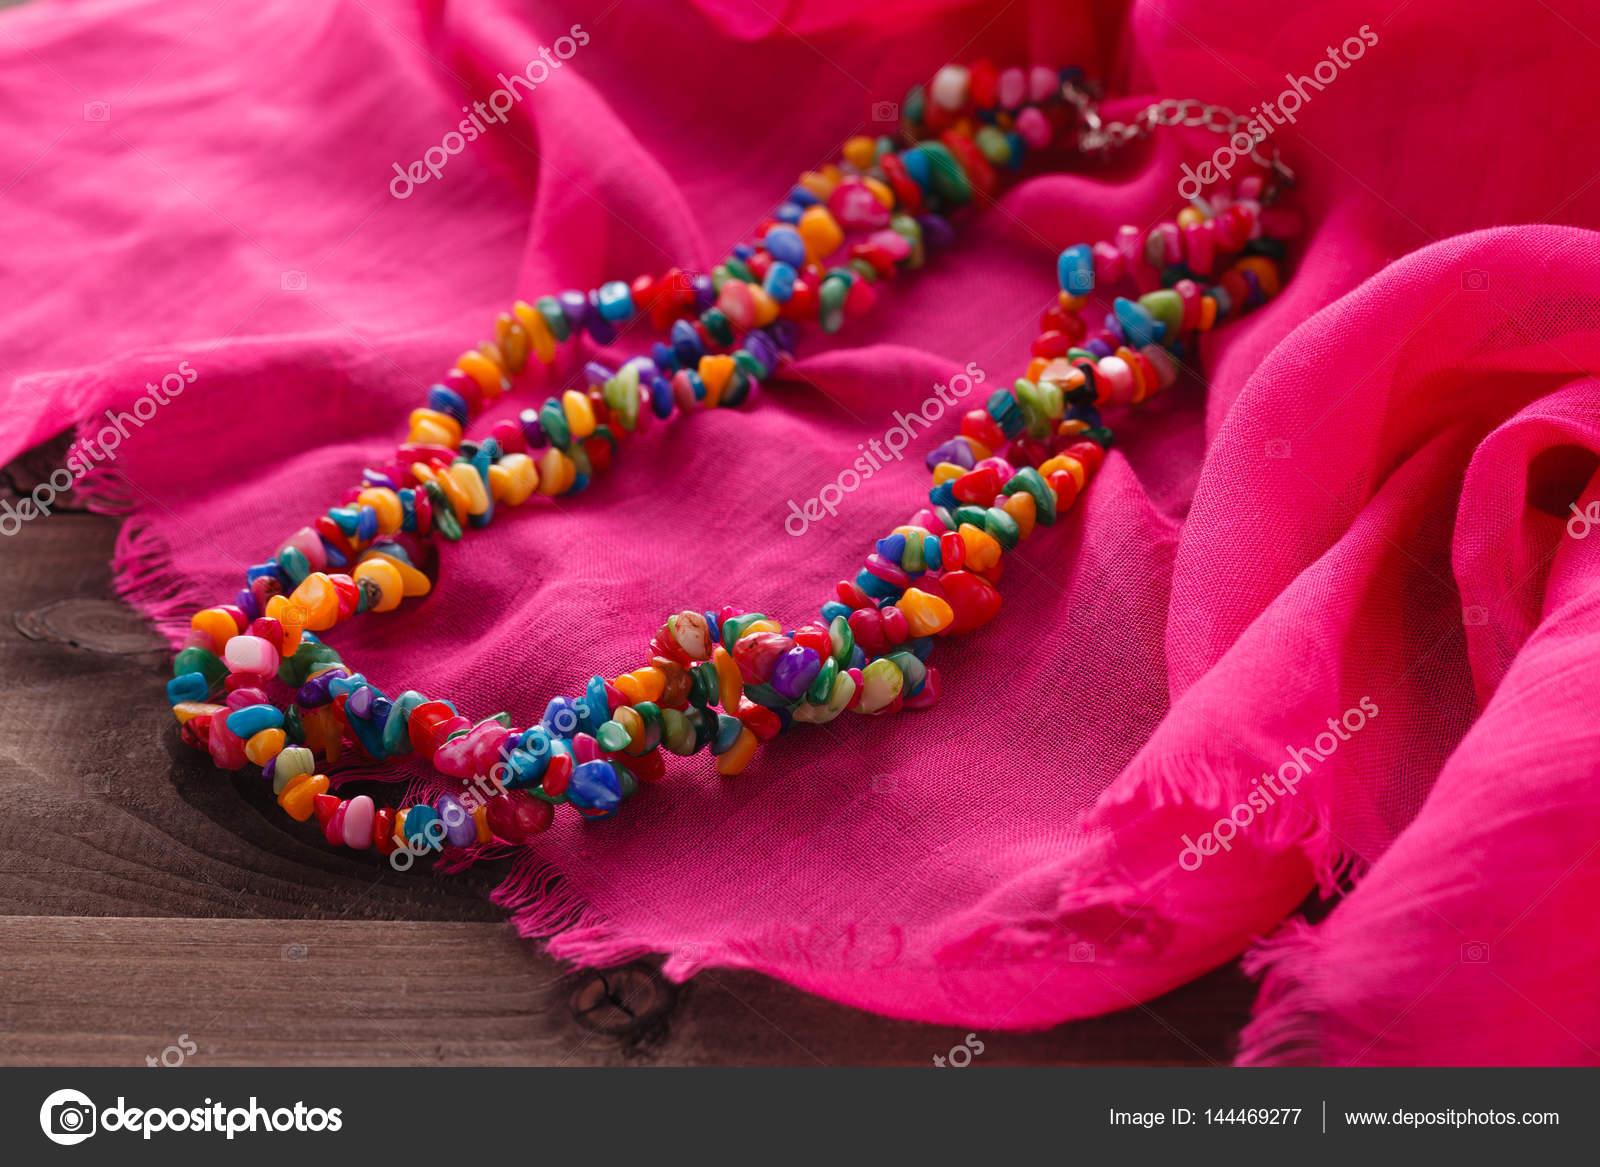 abfcca188 Šperky v orientálním stylu náhrdelník korálky na růžový hedvábný šátek —  Stock fotografie